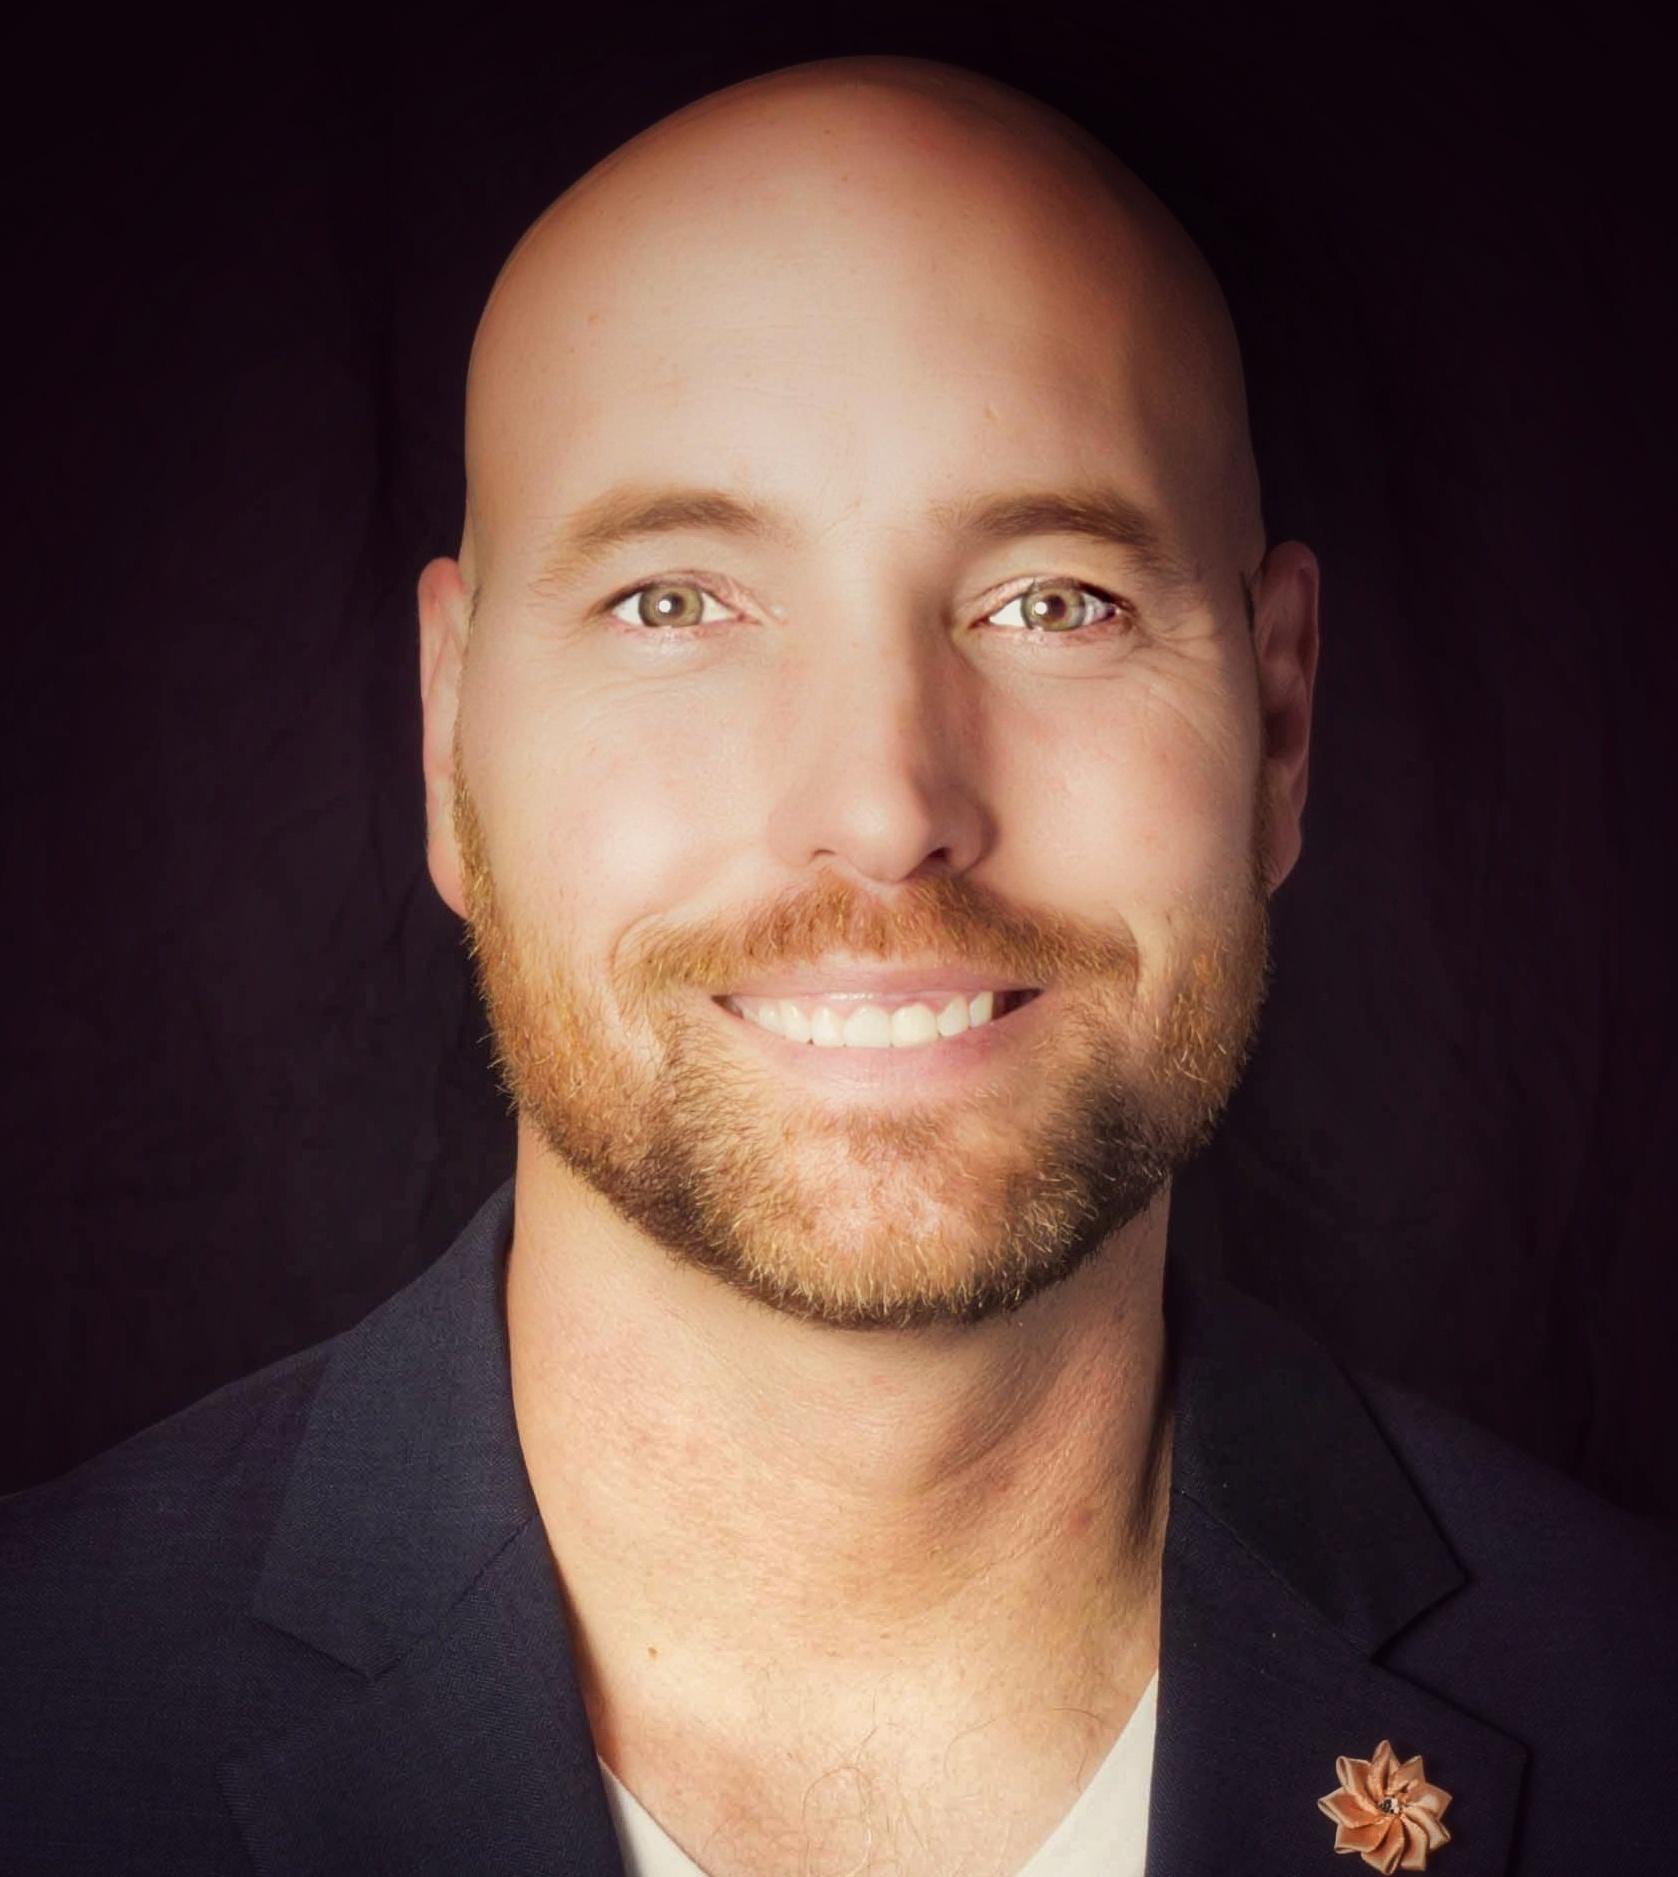 Avatar - Glenn Killey, Motivational Speaker